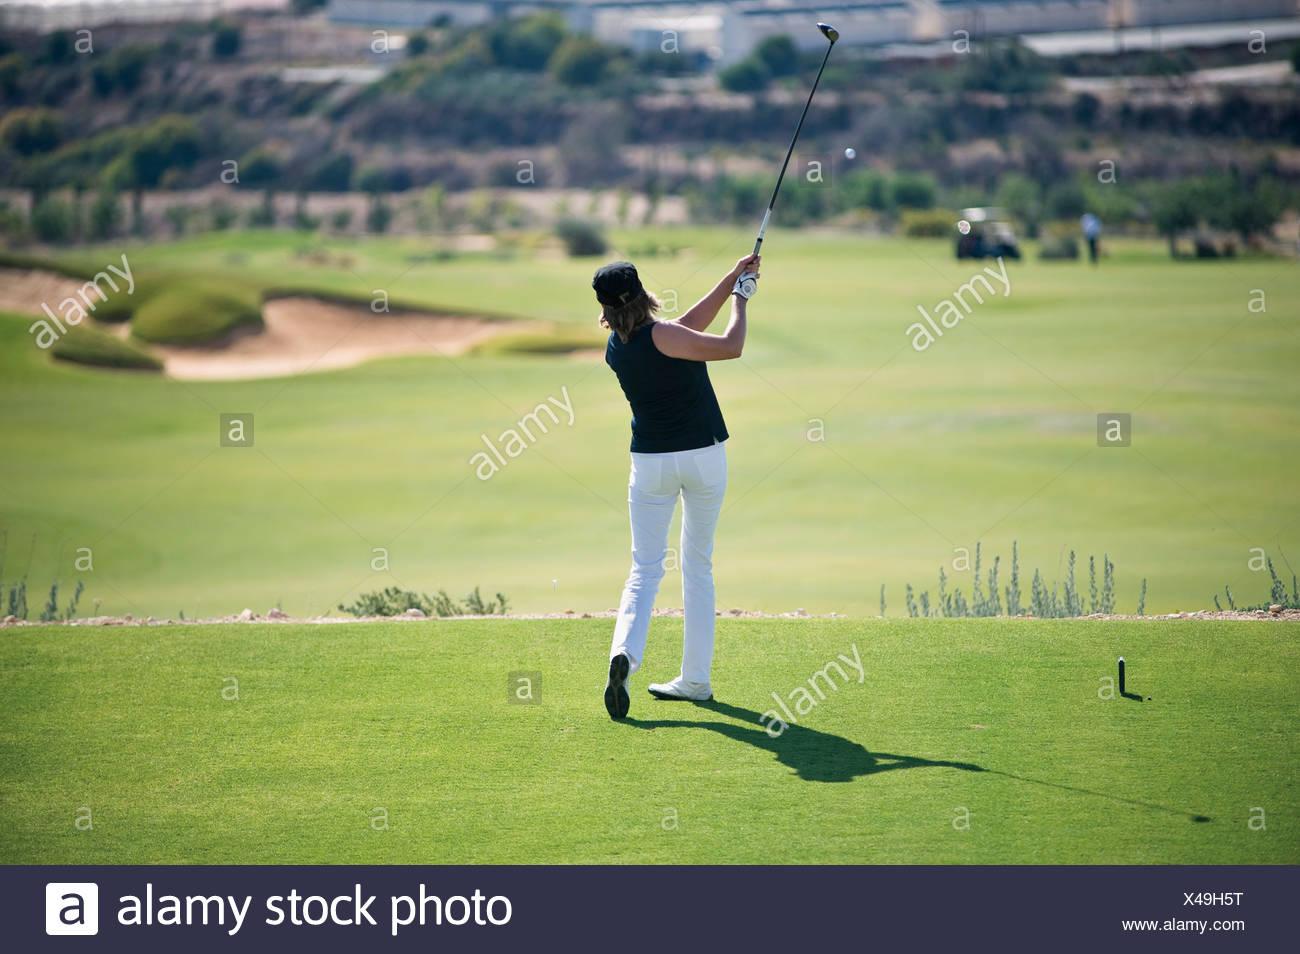 Cipro, Donna giocando a golf sul campo da golf Immagini Stock